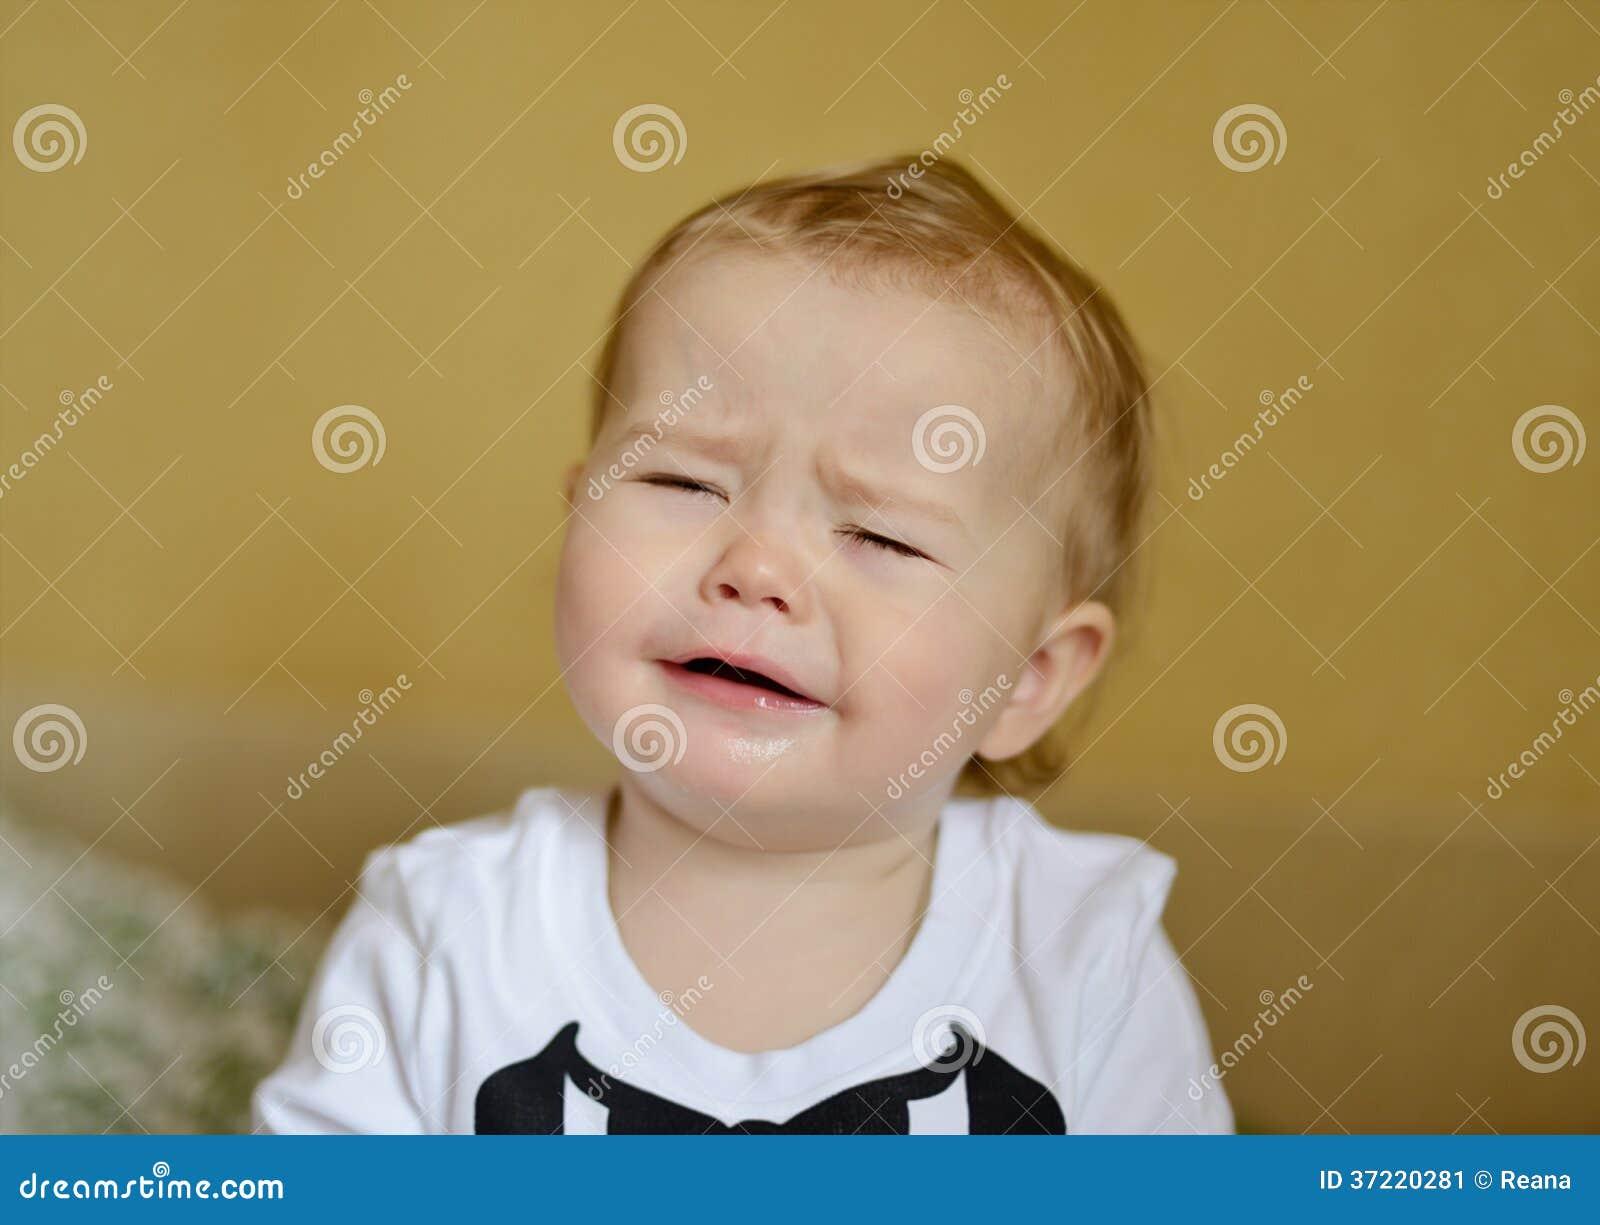 Грустное лицо фото детей